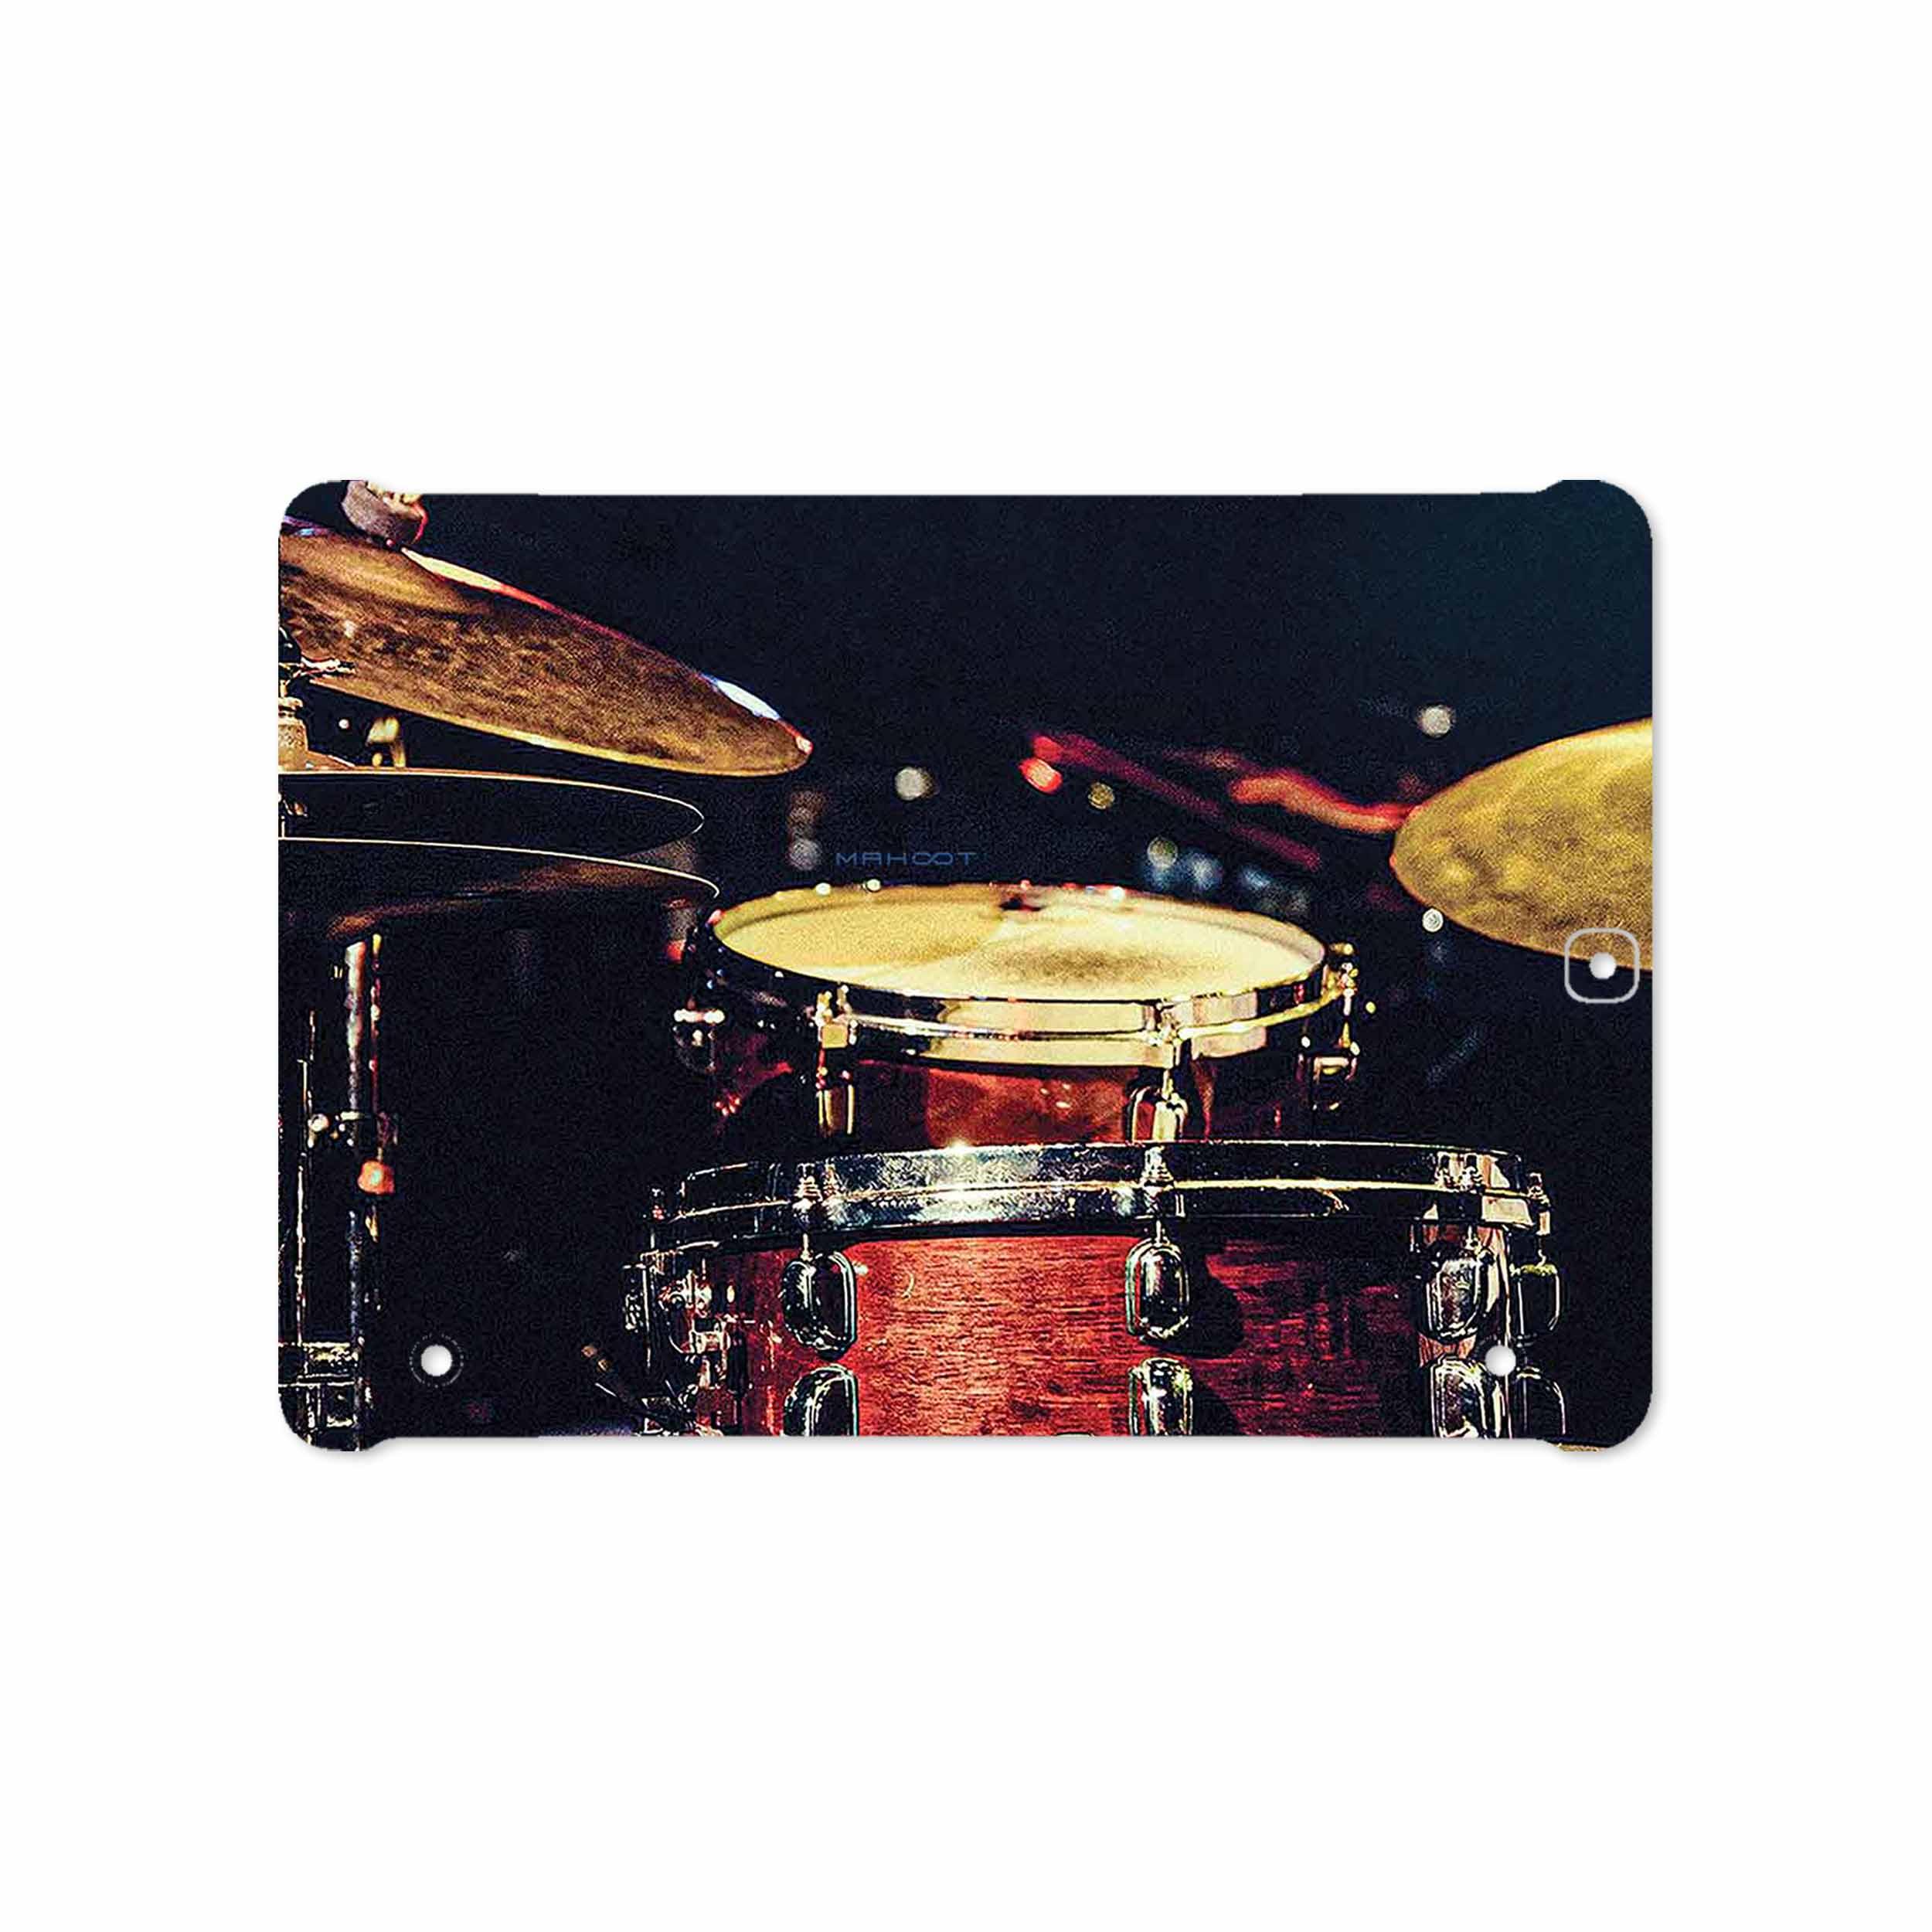 بررسی و خرید [با تخفیف]                                     برچسب پوششی ماهوت مدل Drum Kit مناسب برای تبلت سامسونگ Galaxy Tab S2 9.7 2015 T810                             اورجینال